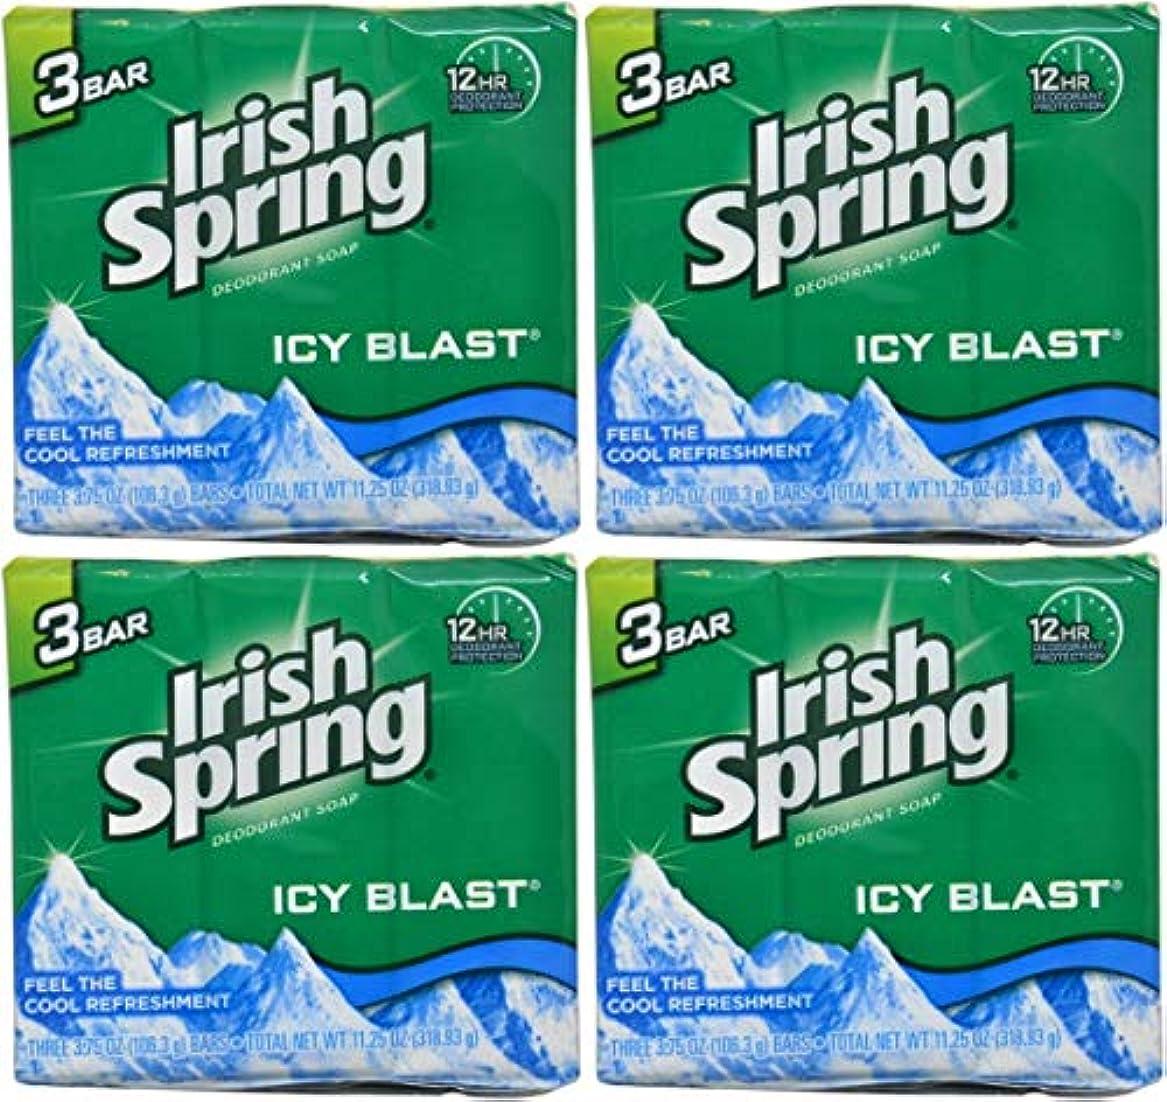 チャットキャンバス自分Irish Spring バースバー、アイシーブラスト3.75オズ、3小節の12カウント4Pack